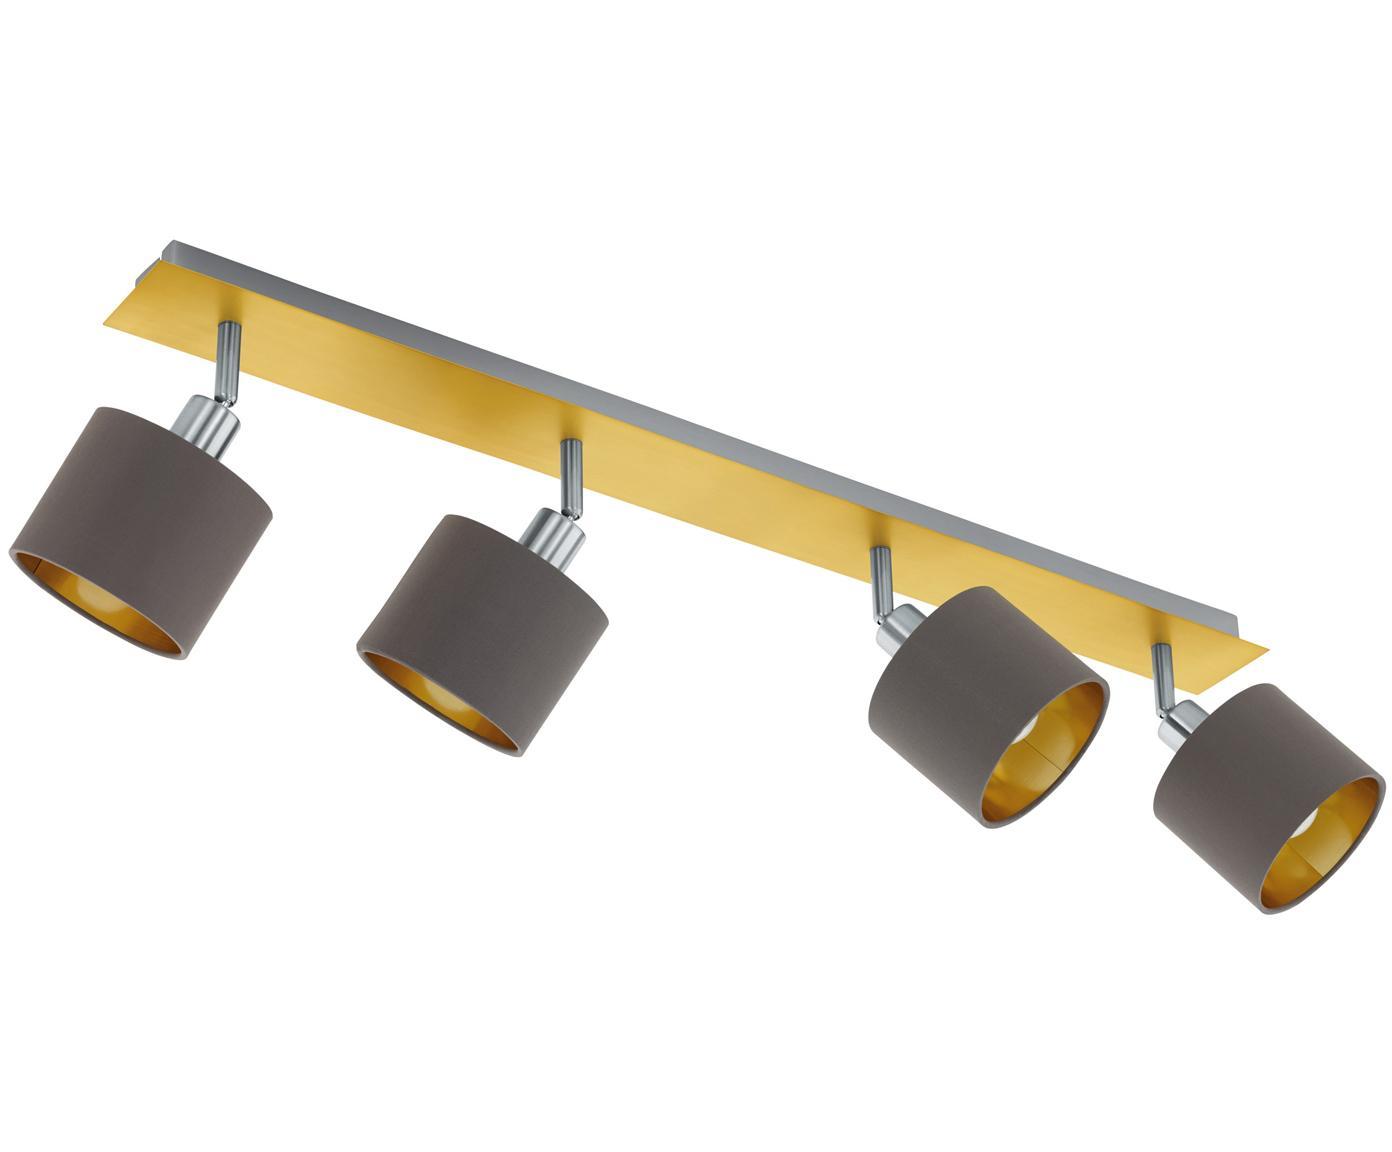 Lampa sufitowa Valbiano, Brązowy, odcienie złotego, S 78 x W 20 cm